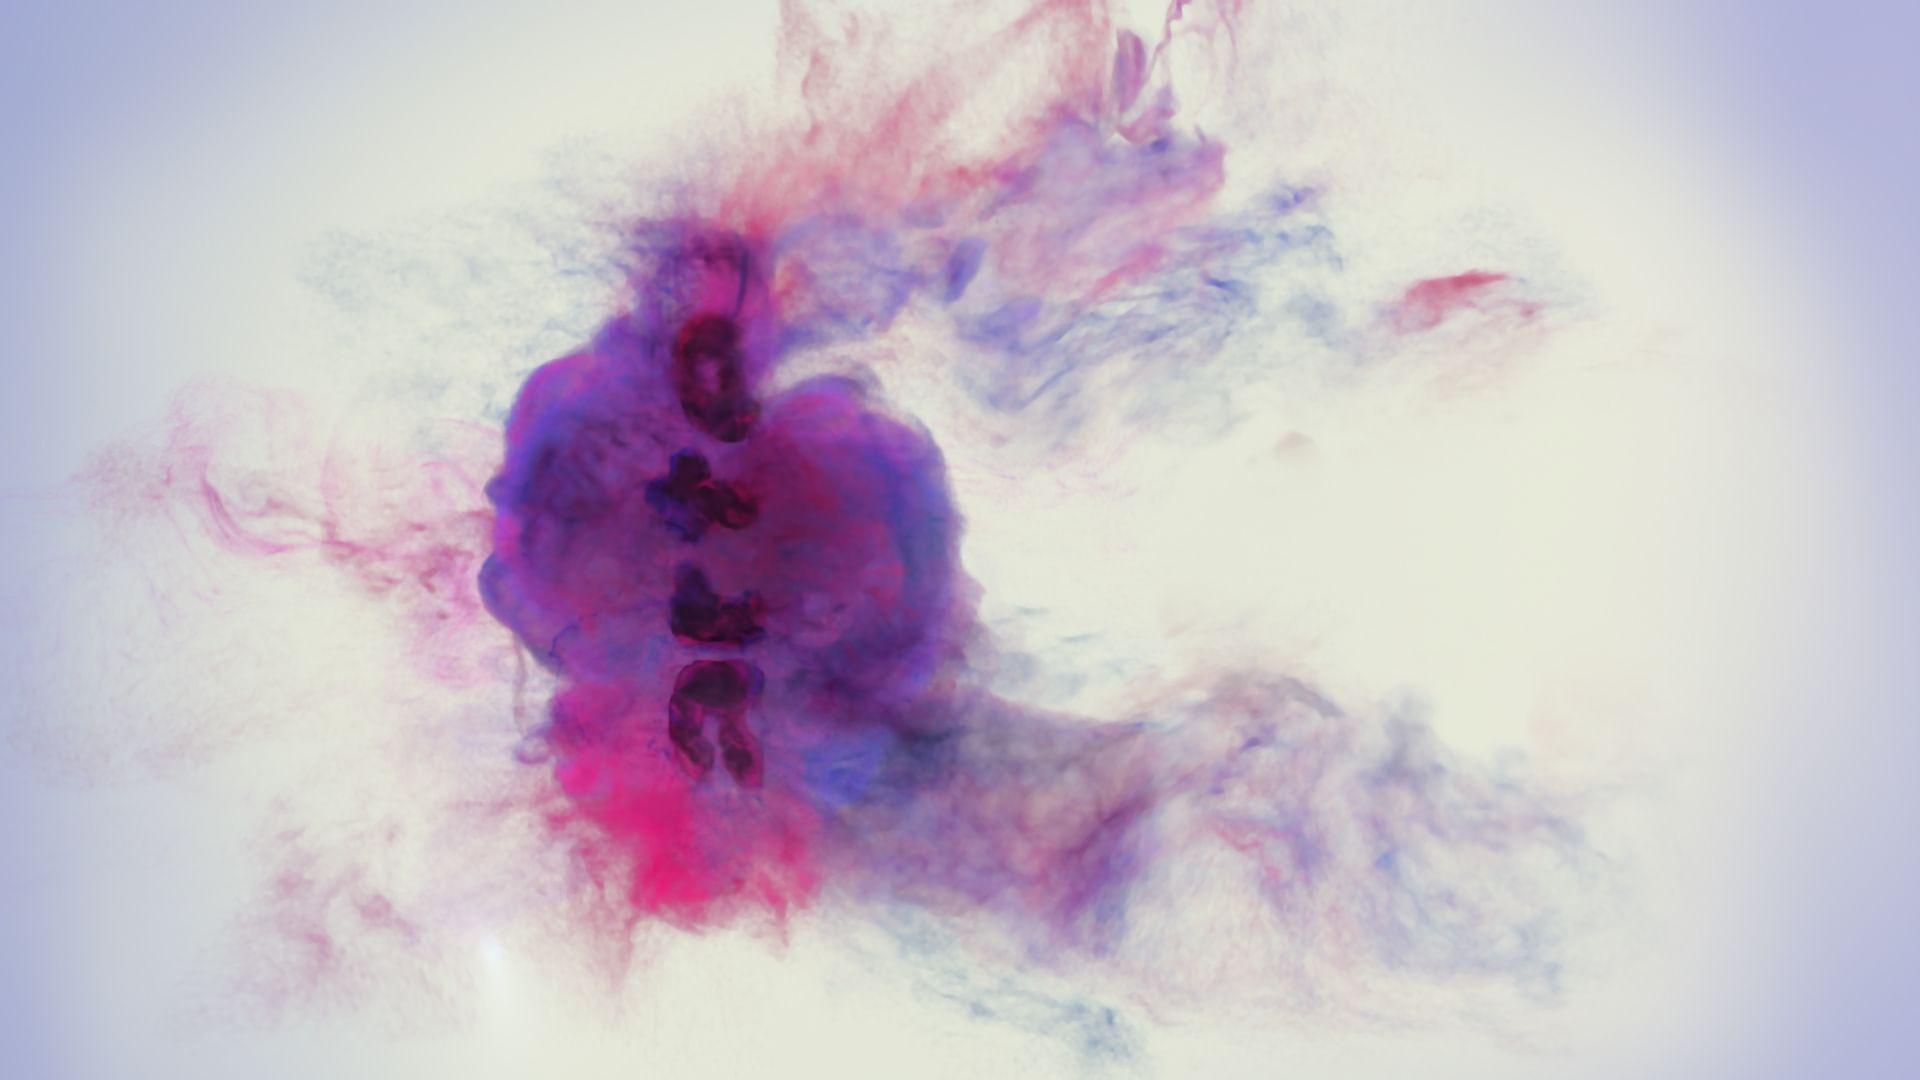 Film do obejrzenia również na stronie historykon.pl